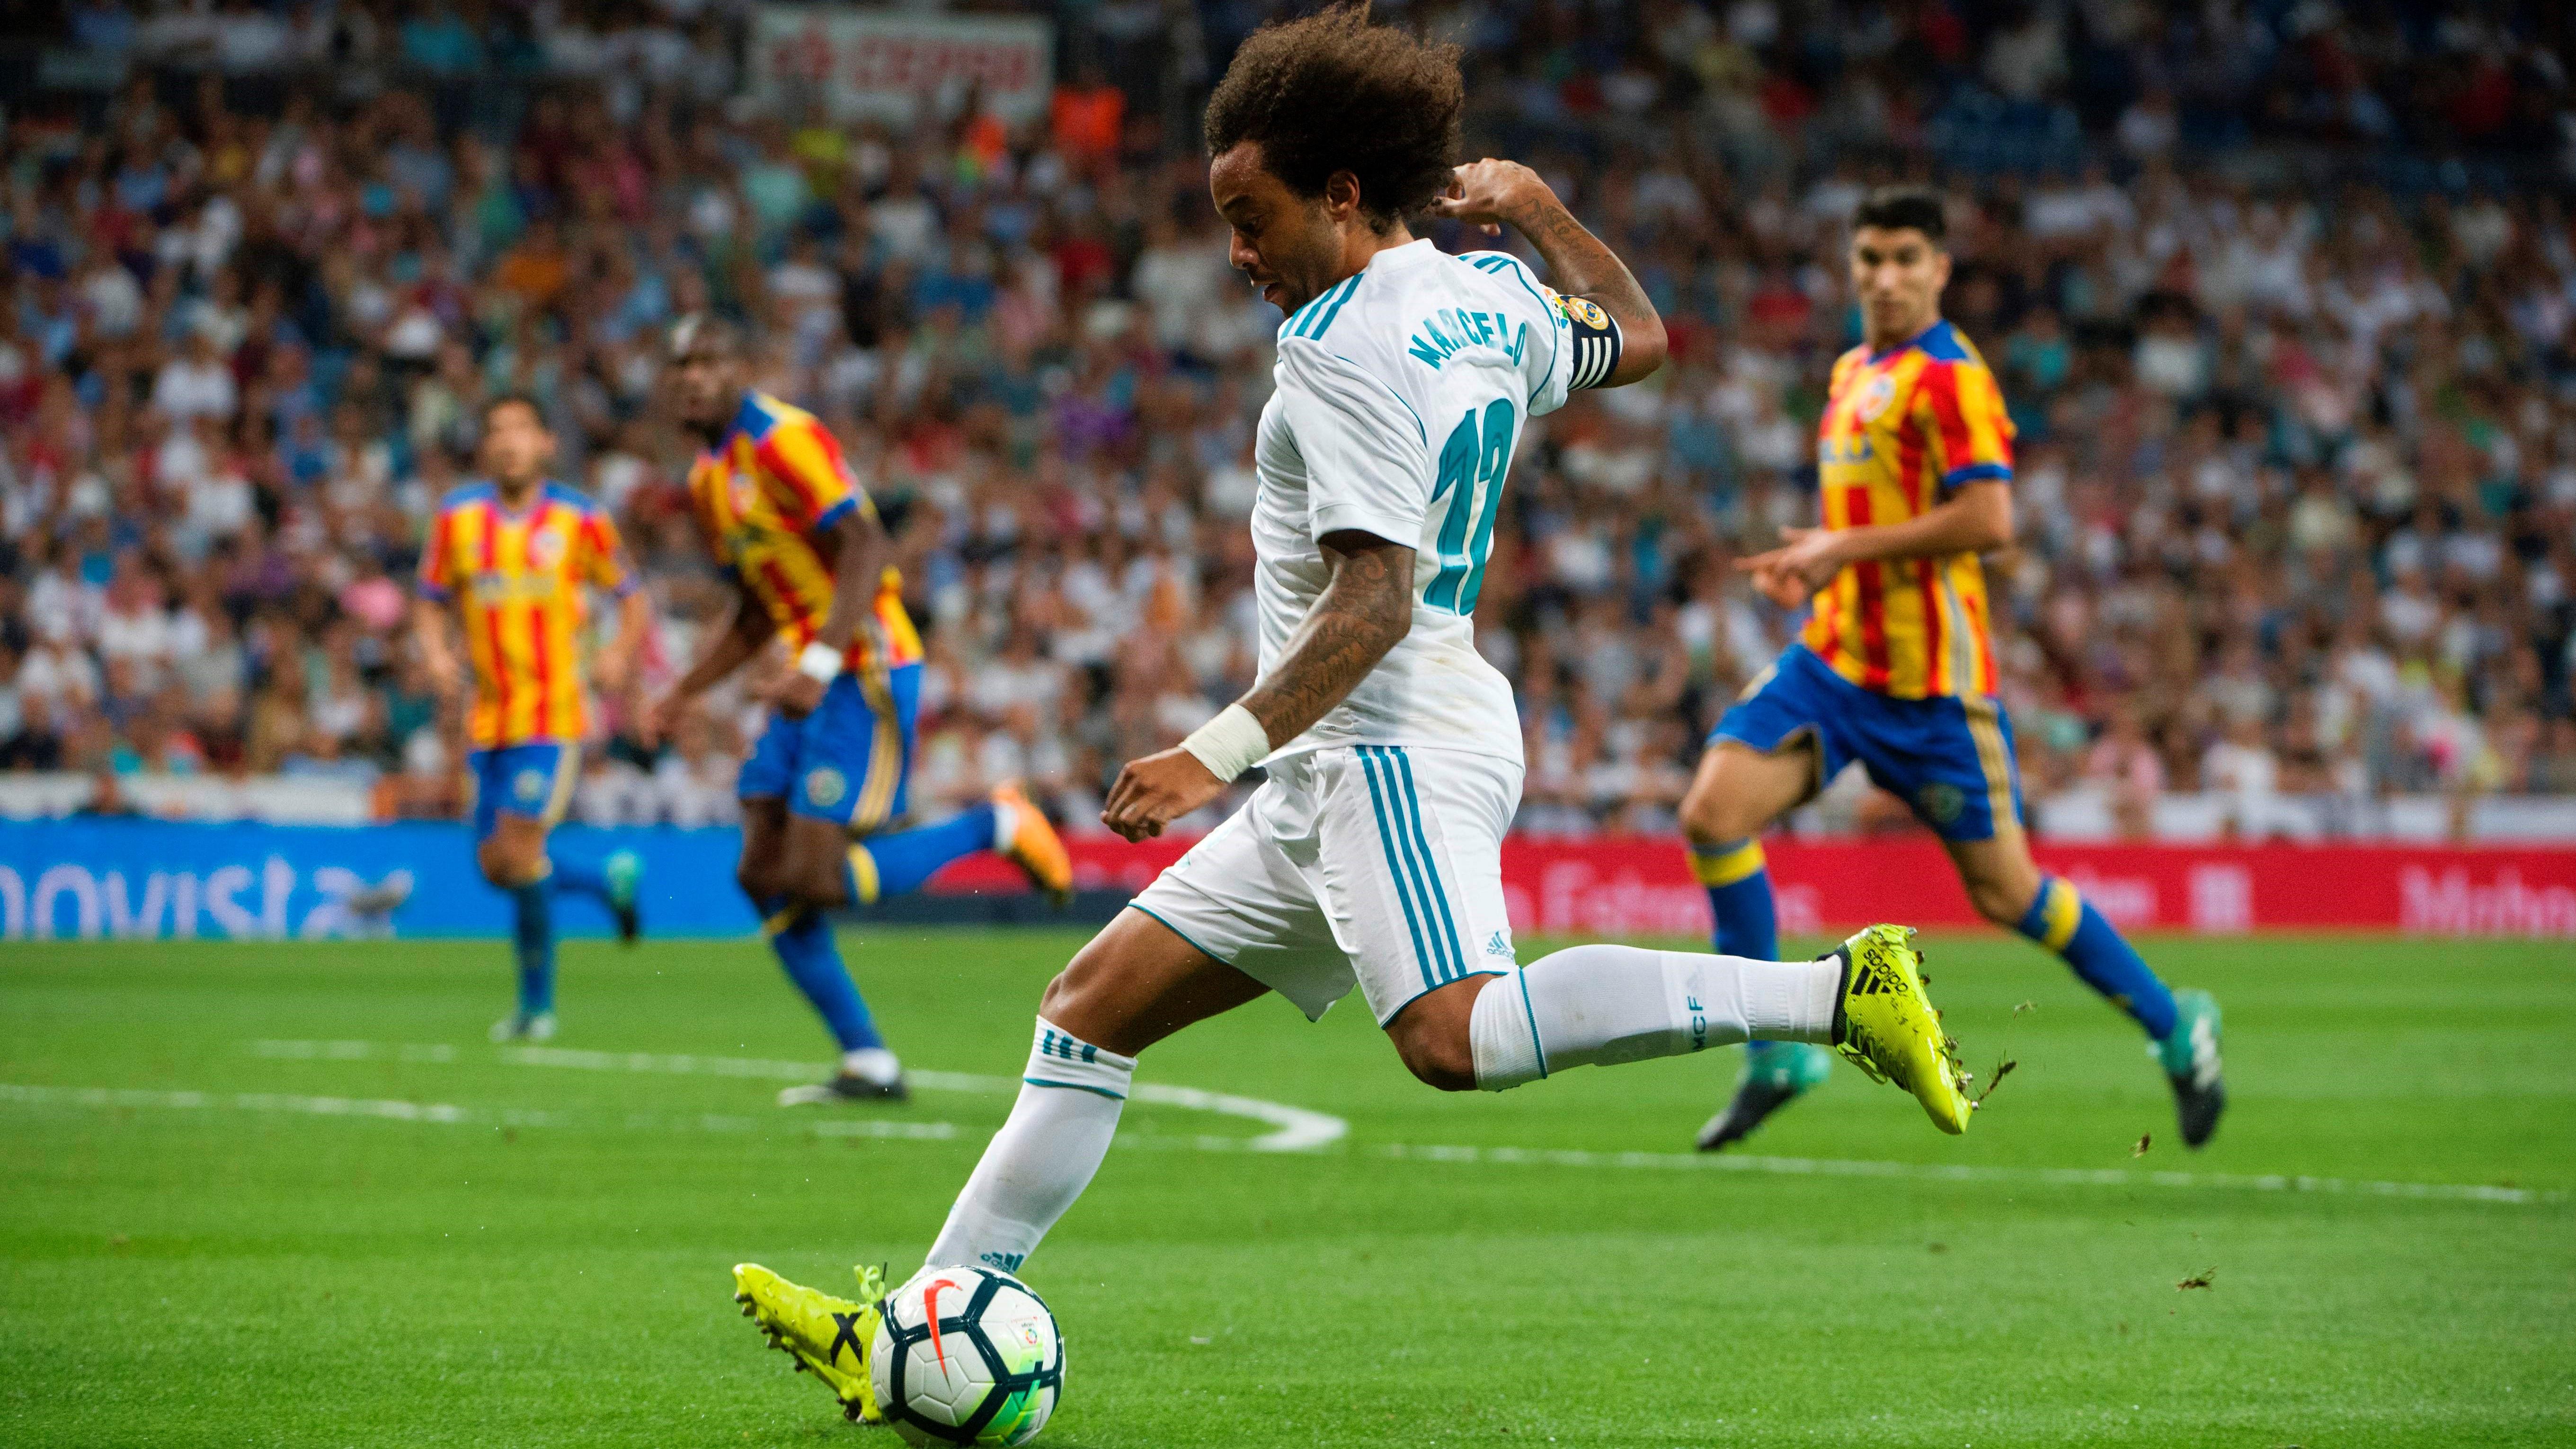 El Real Madrid alzará el título de LaLiga ante el Valencia